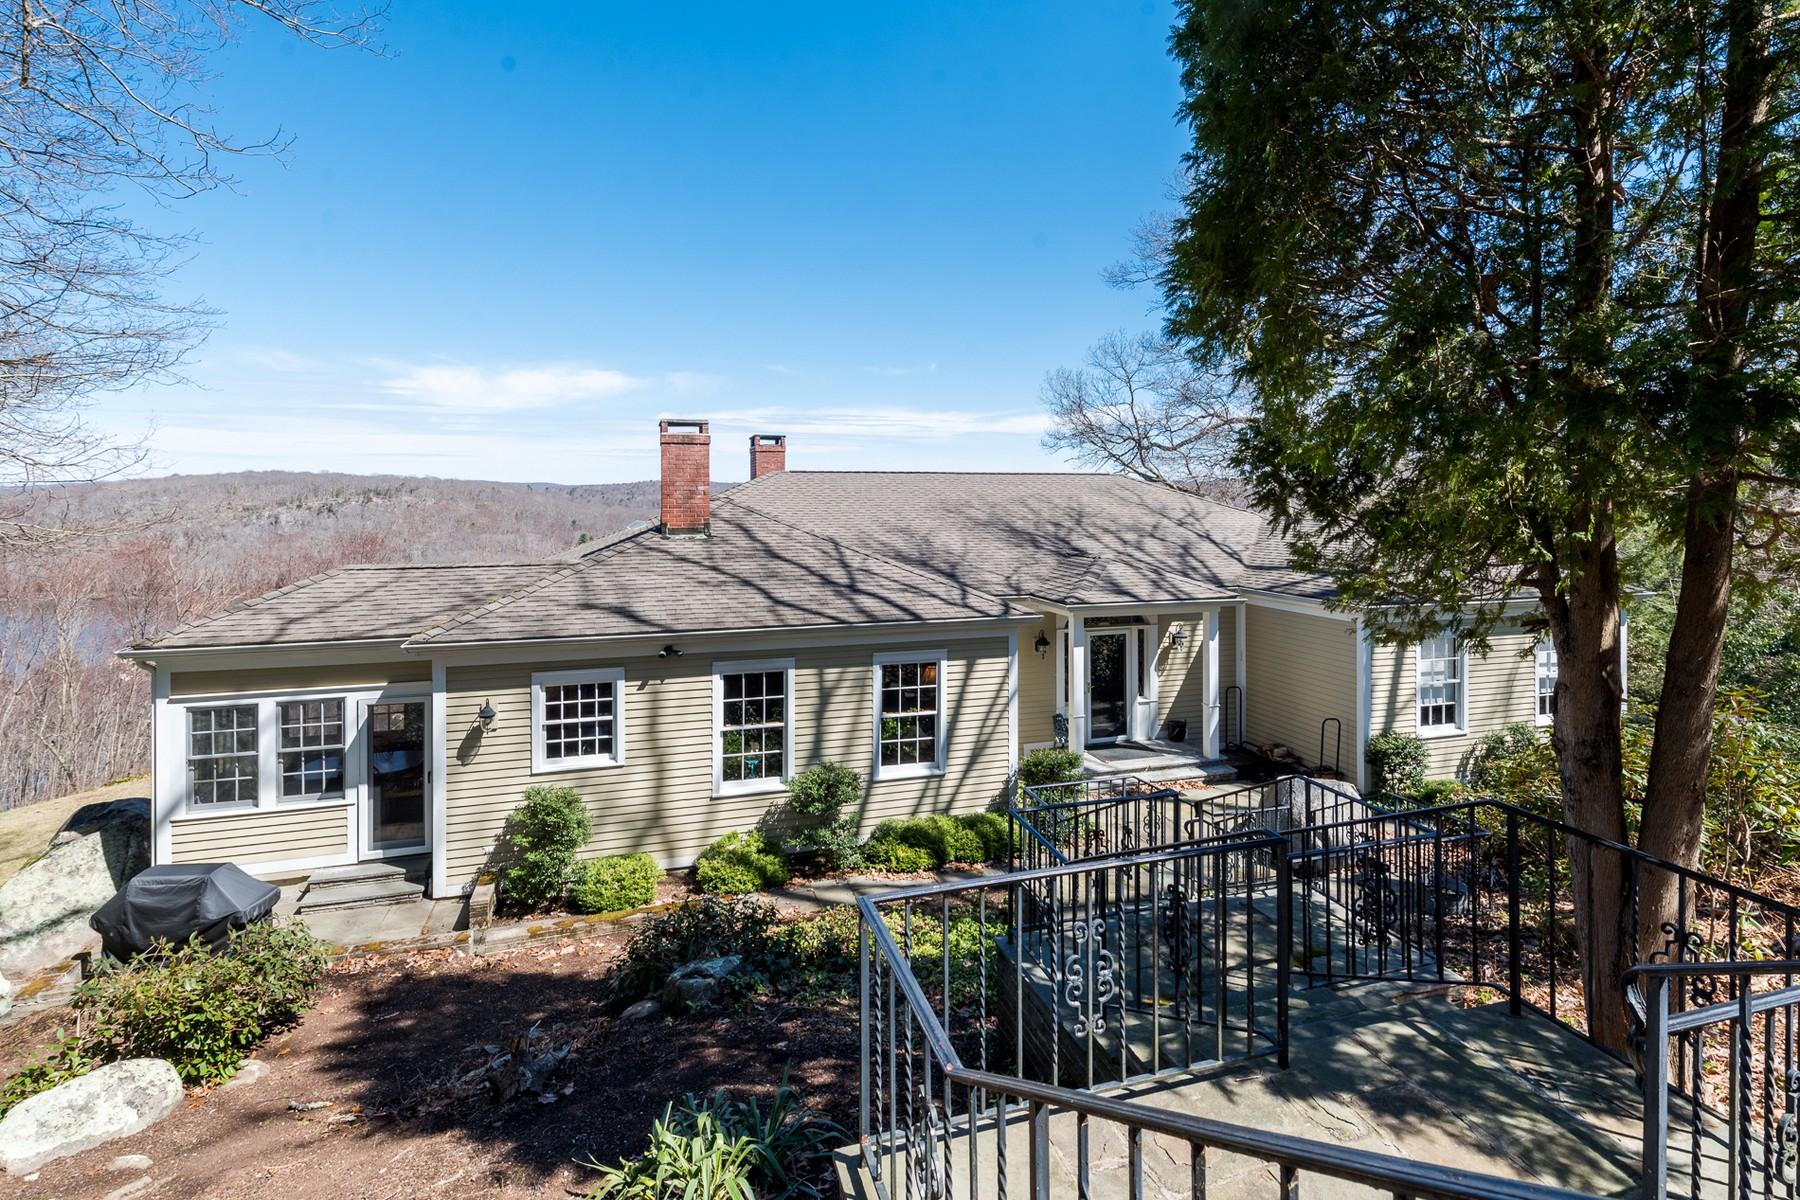 Eensgezinswoning voor Verkoop op Peaceful and Private Home on 3.5 Acres with Views 3 Merriwold Lane, Deep River, Connecticut 06417 Verenigde Staten